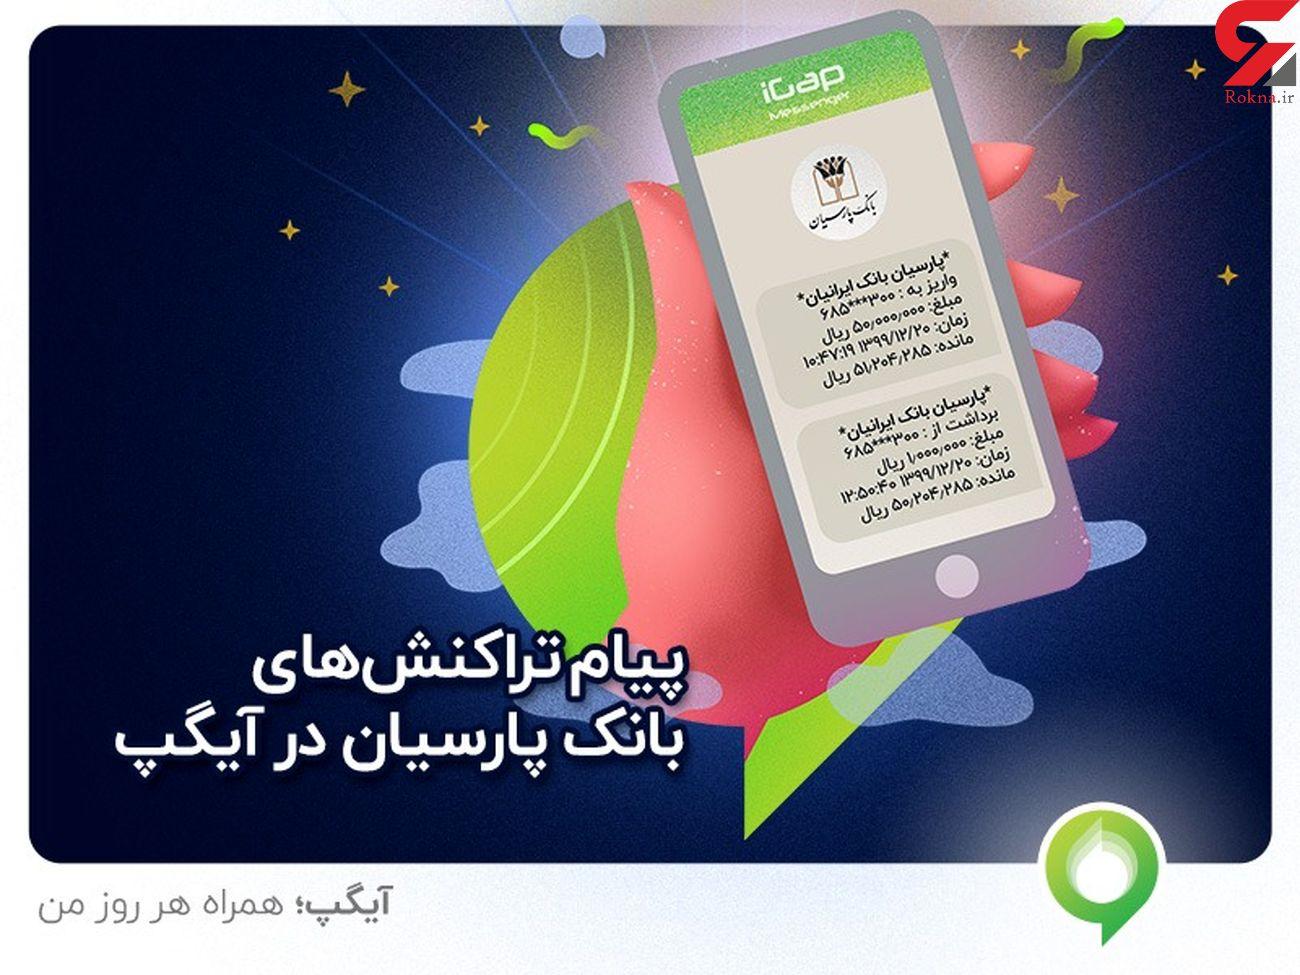 دریافت پیامک های بانکی در آیگپ + جزئیات